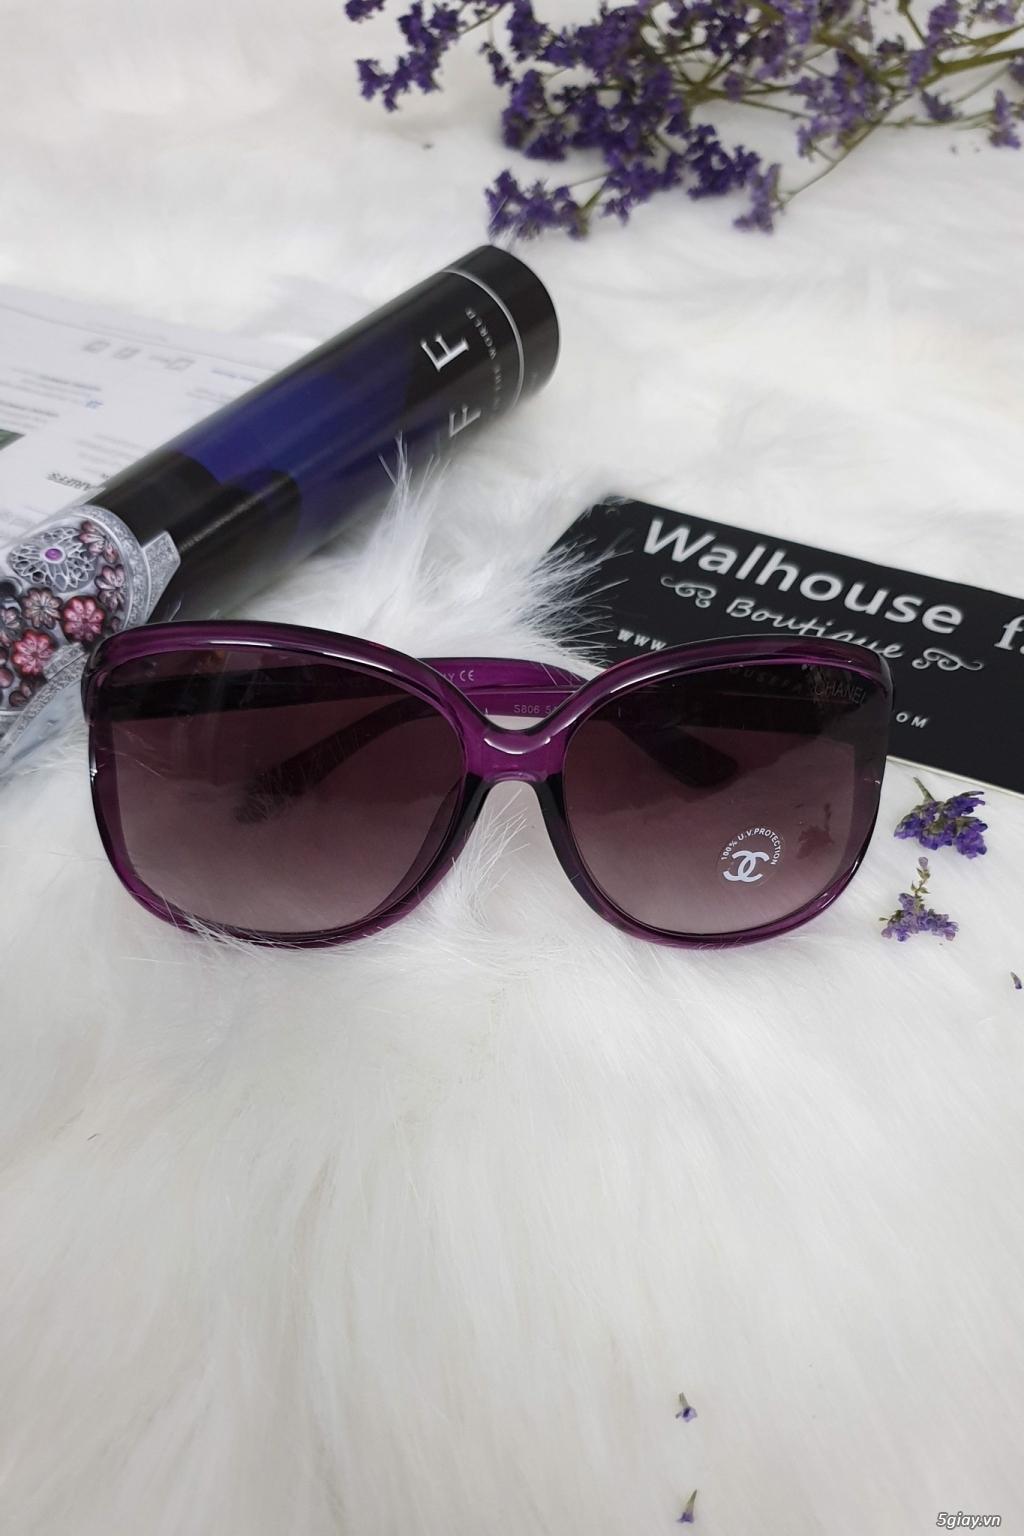 Wal House Fashion - Dây nịt, cài áo, vòng tay, mắt kiếng....... - 2